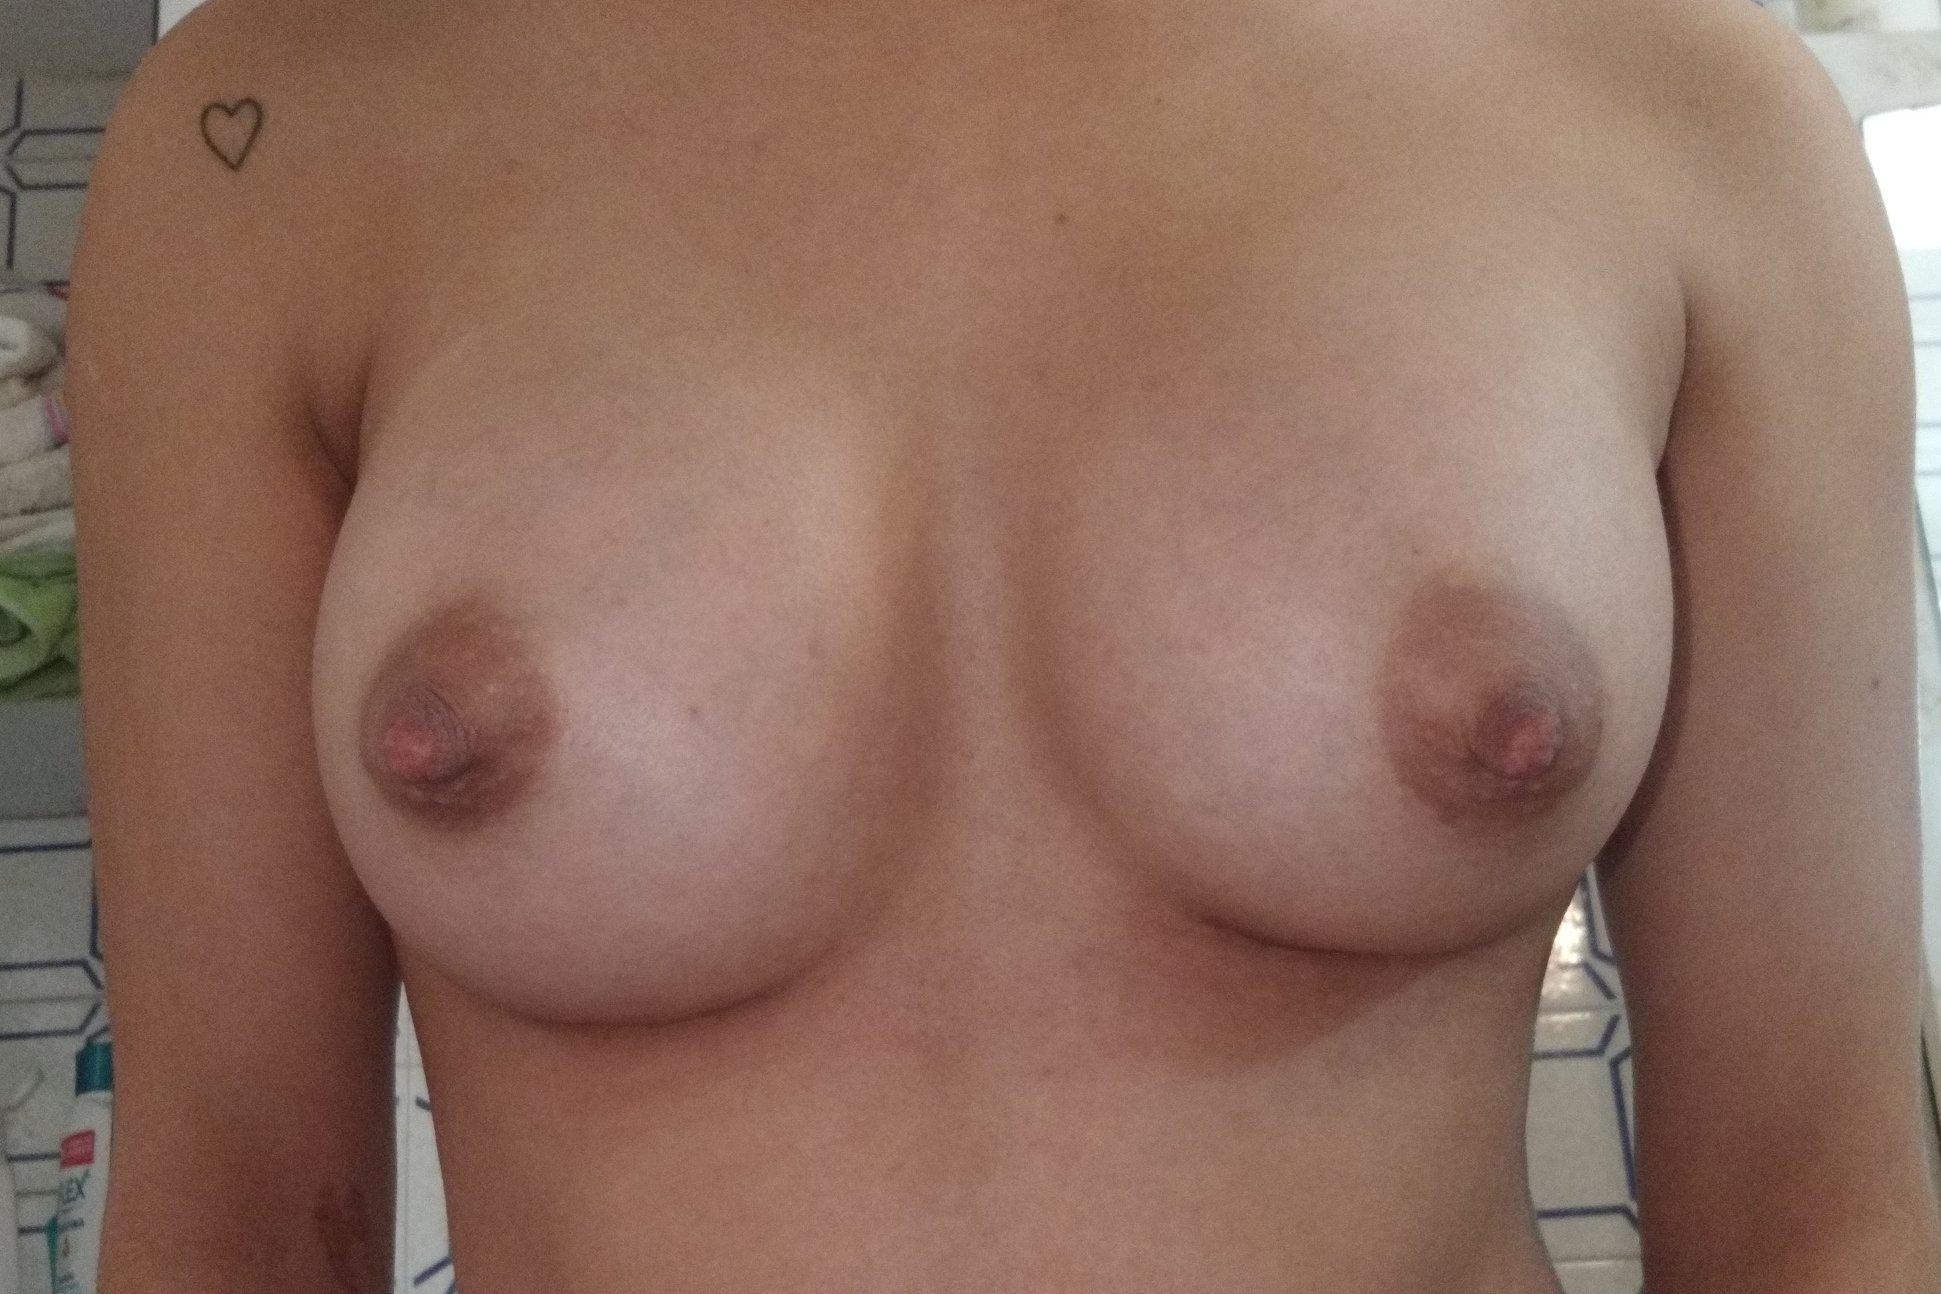 Puede bajar el surco mamario despues de aumento de senos? - 6014